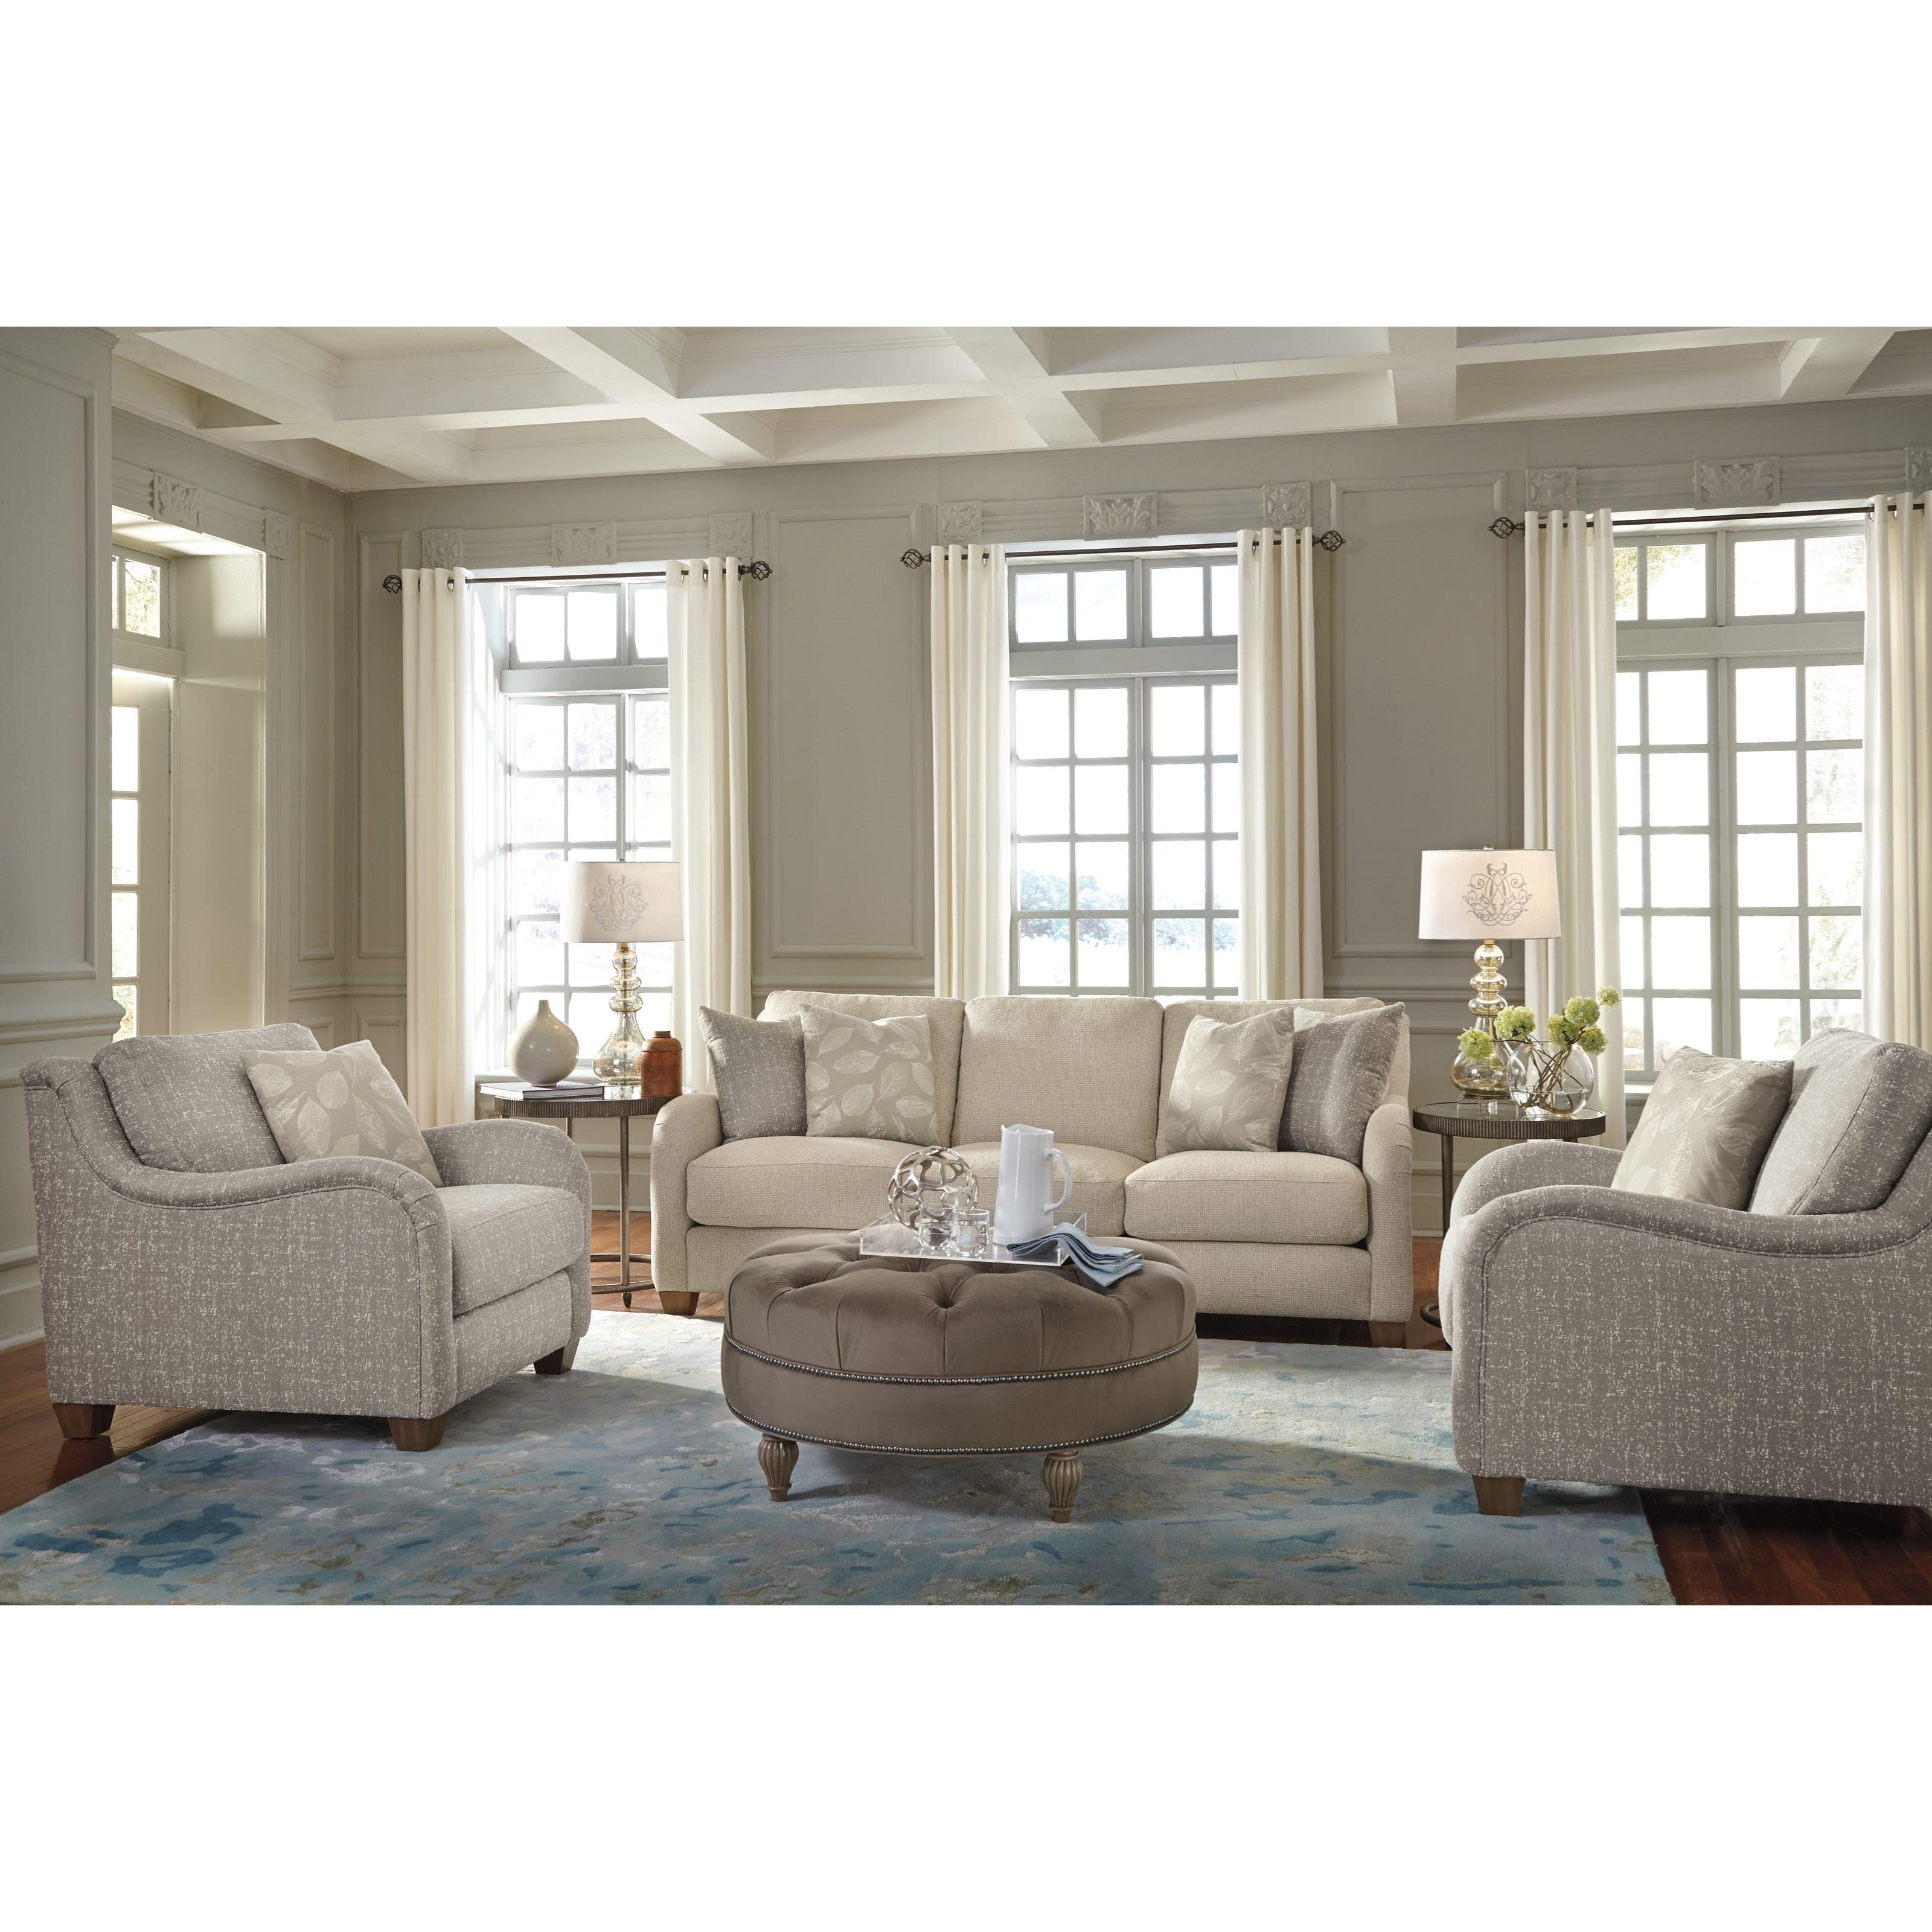 Flexsteel Fortuna Living Room Group - Item Number: 7908 Living Room Group 1